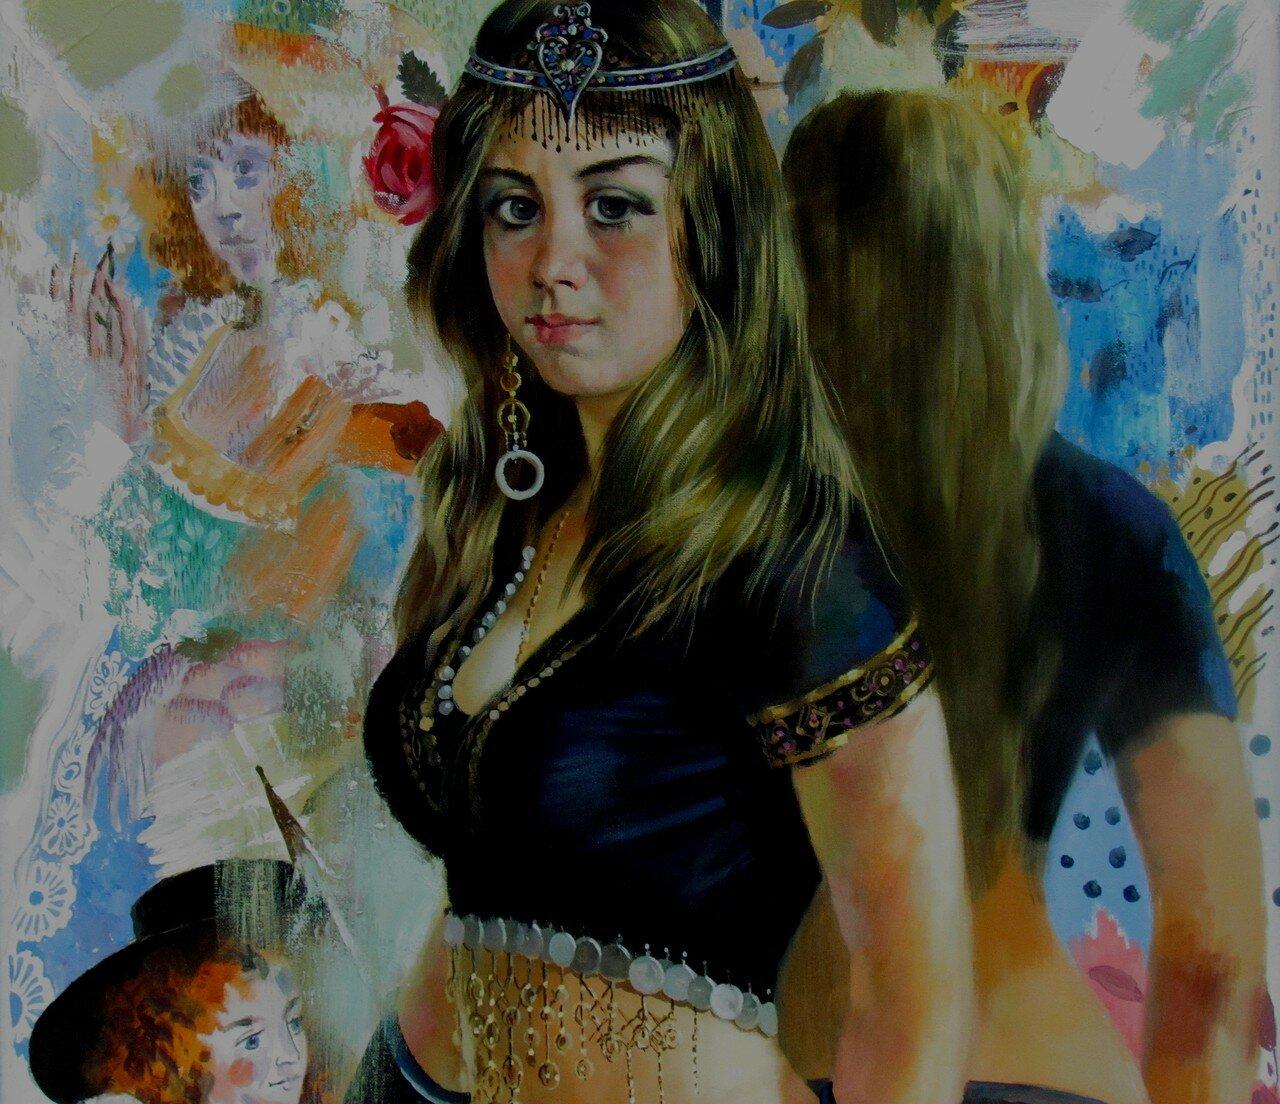 владимир акимов.танцовщица восточных танцев мария перед зеркалом.фрагмент.jpg